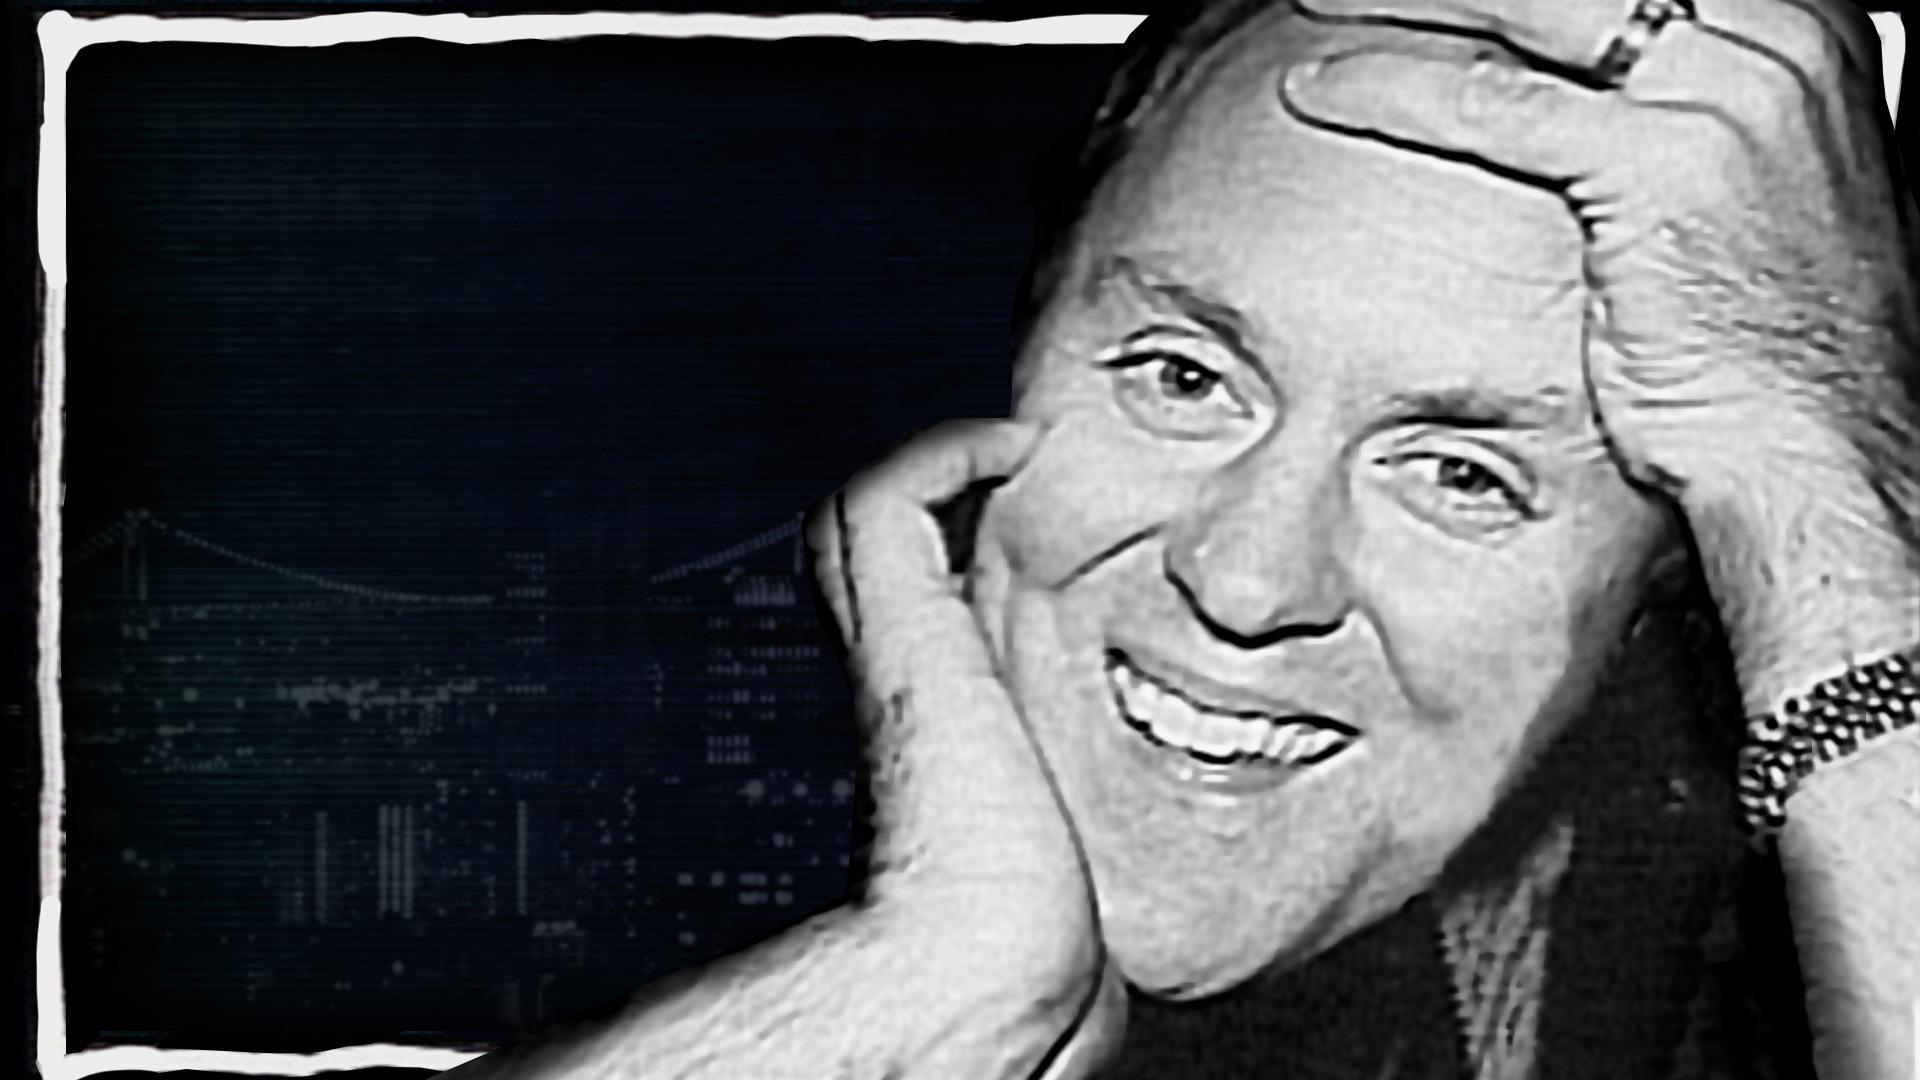 John Lithgow: November 19, 1988